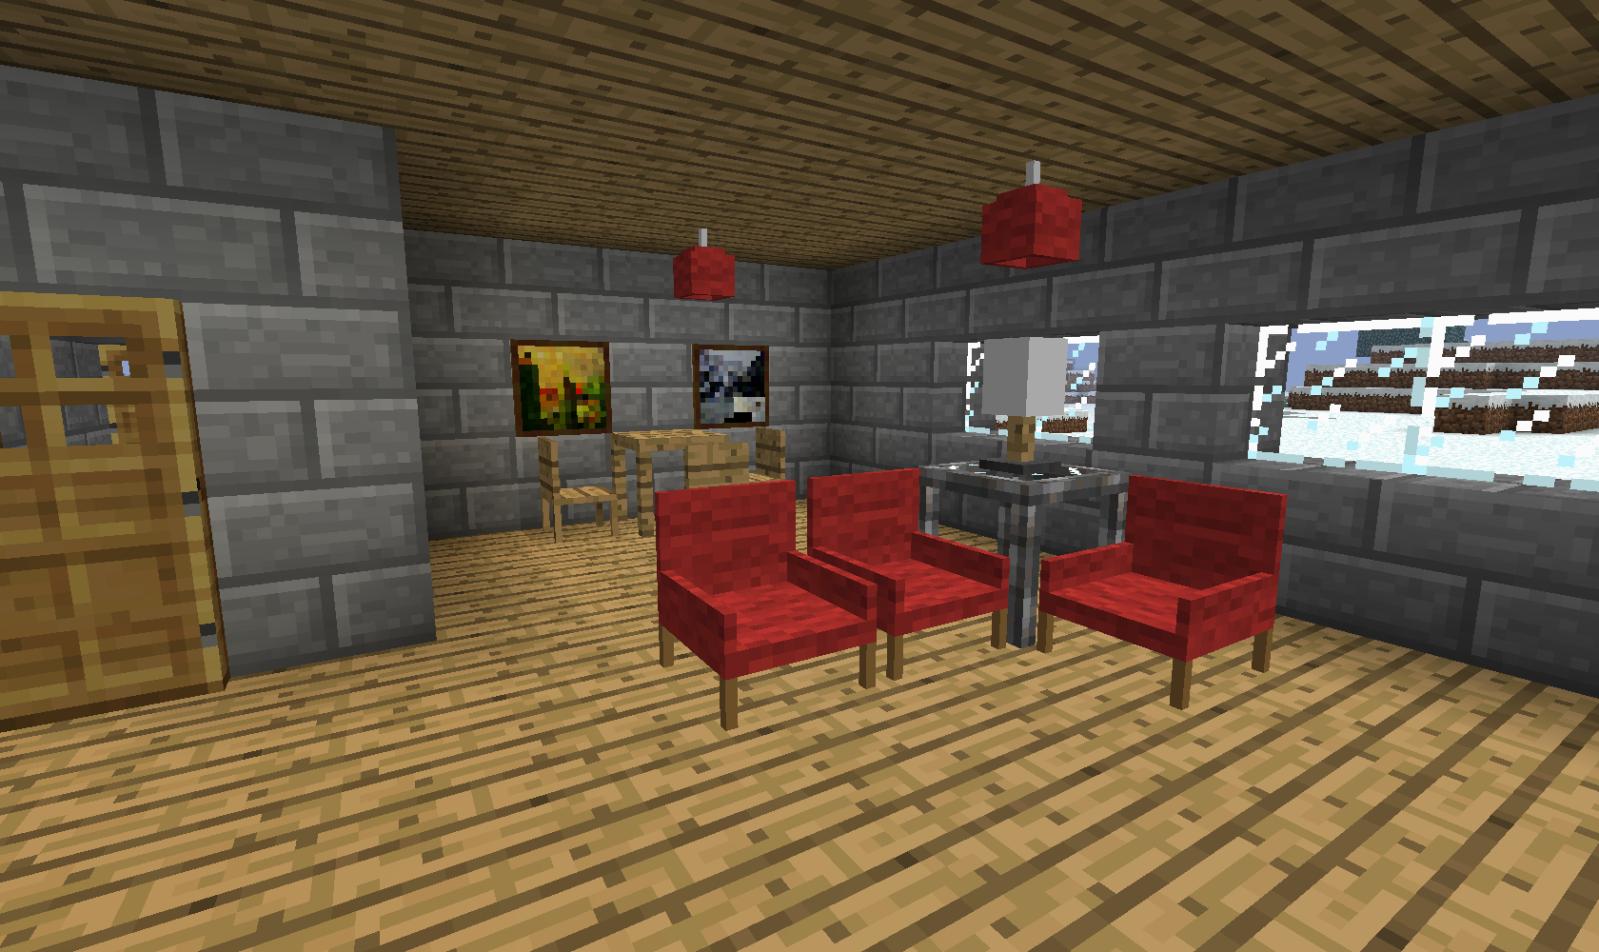 мод на мебель для майнкрафт 1.7.2 #9